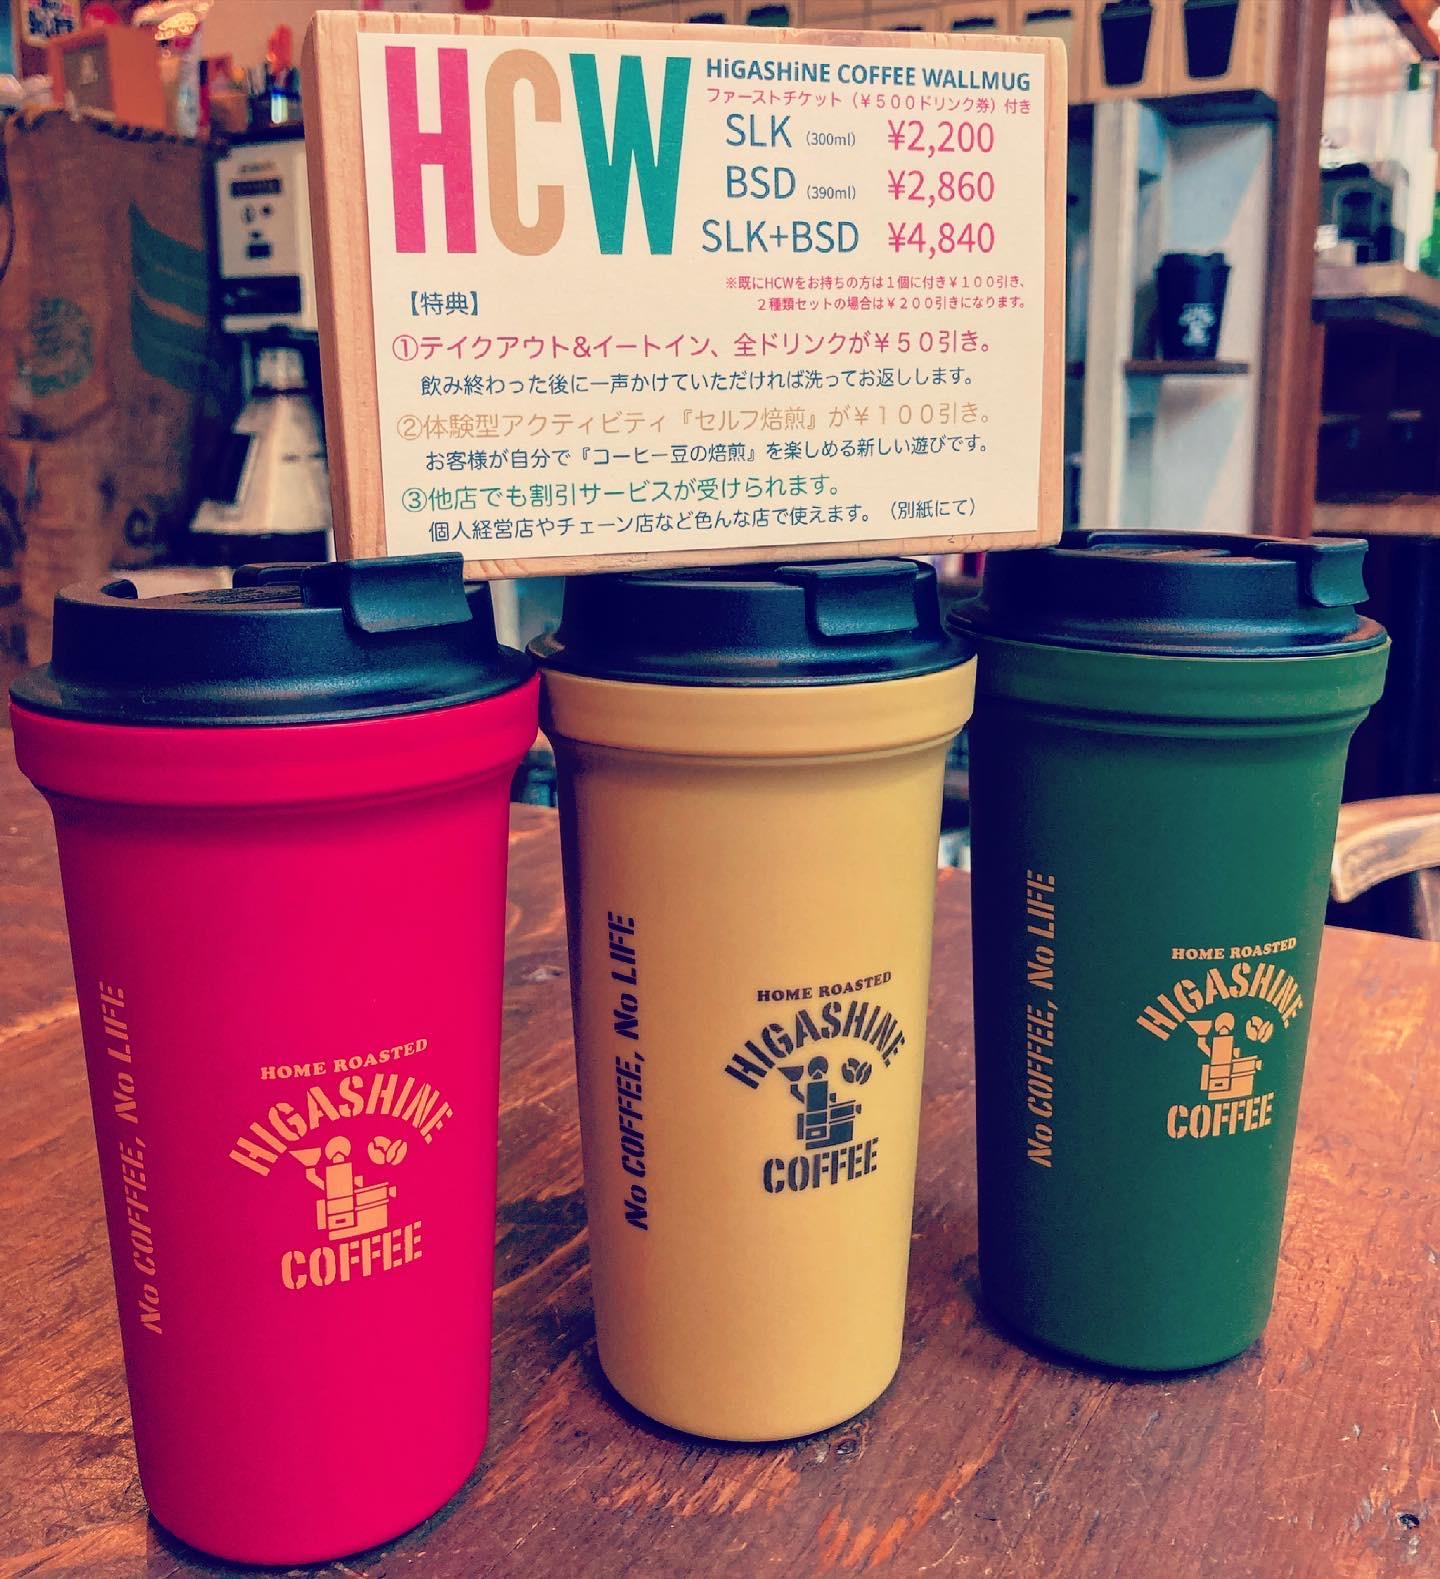 HiGASHiNE COFFEE WALLMUG